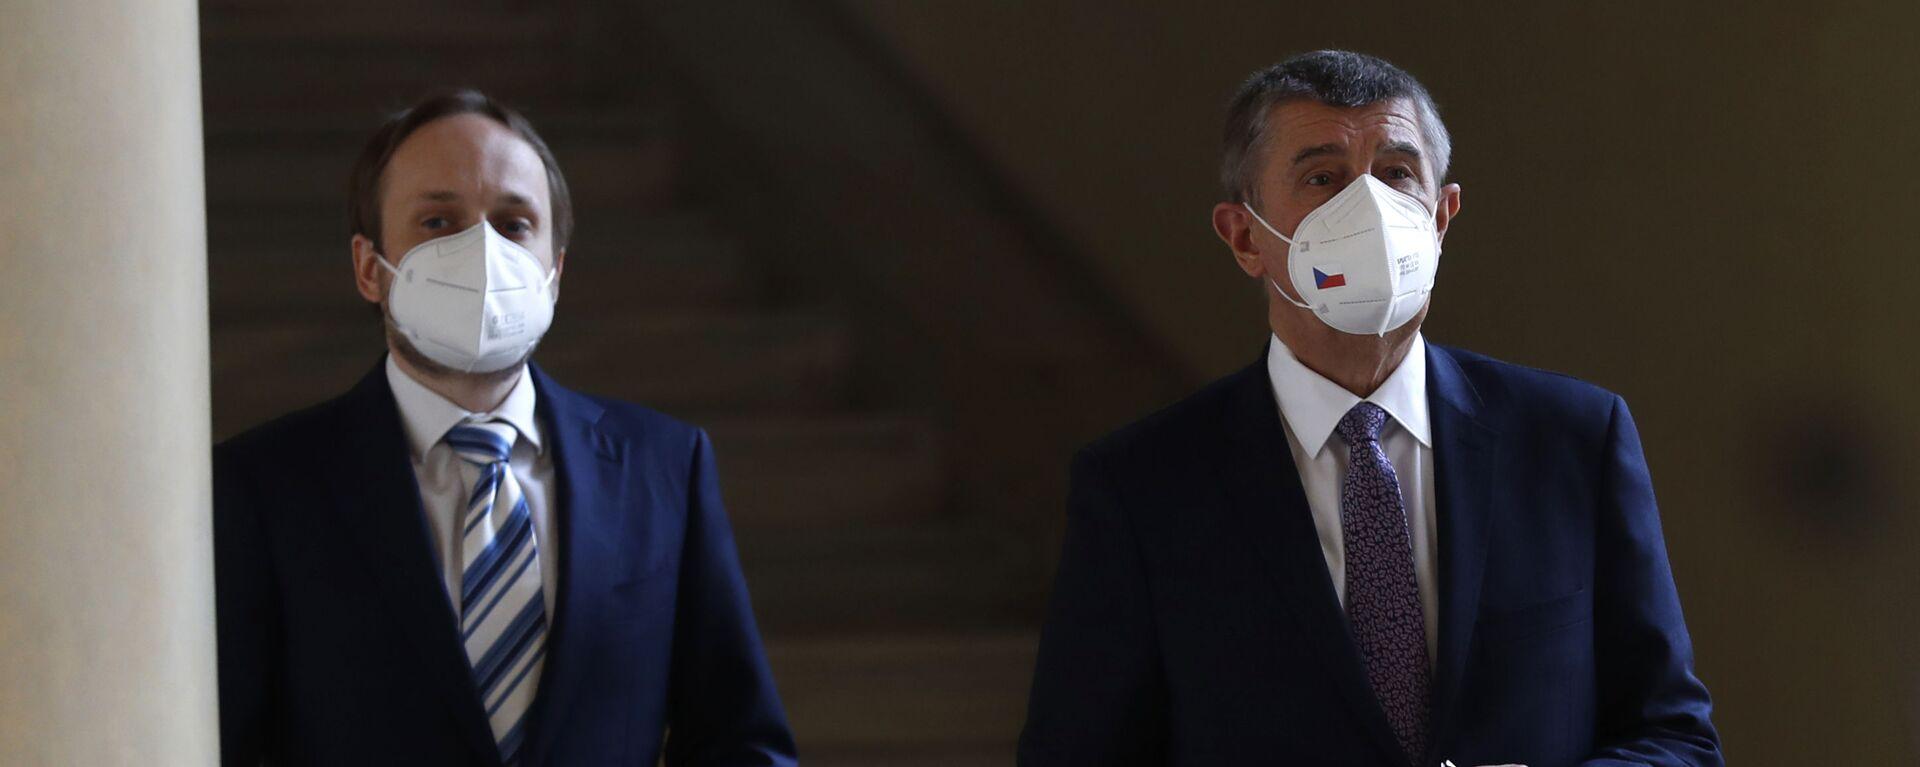 Český ministr zahraničí Jakub Kulhánek a český premiér Andrej Babiš před tiskovou konferencí - Sputnik Česká republika, 1920, 23.08.2021